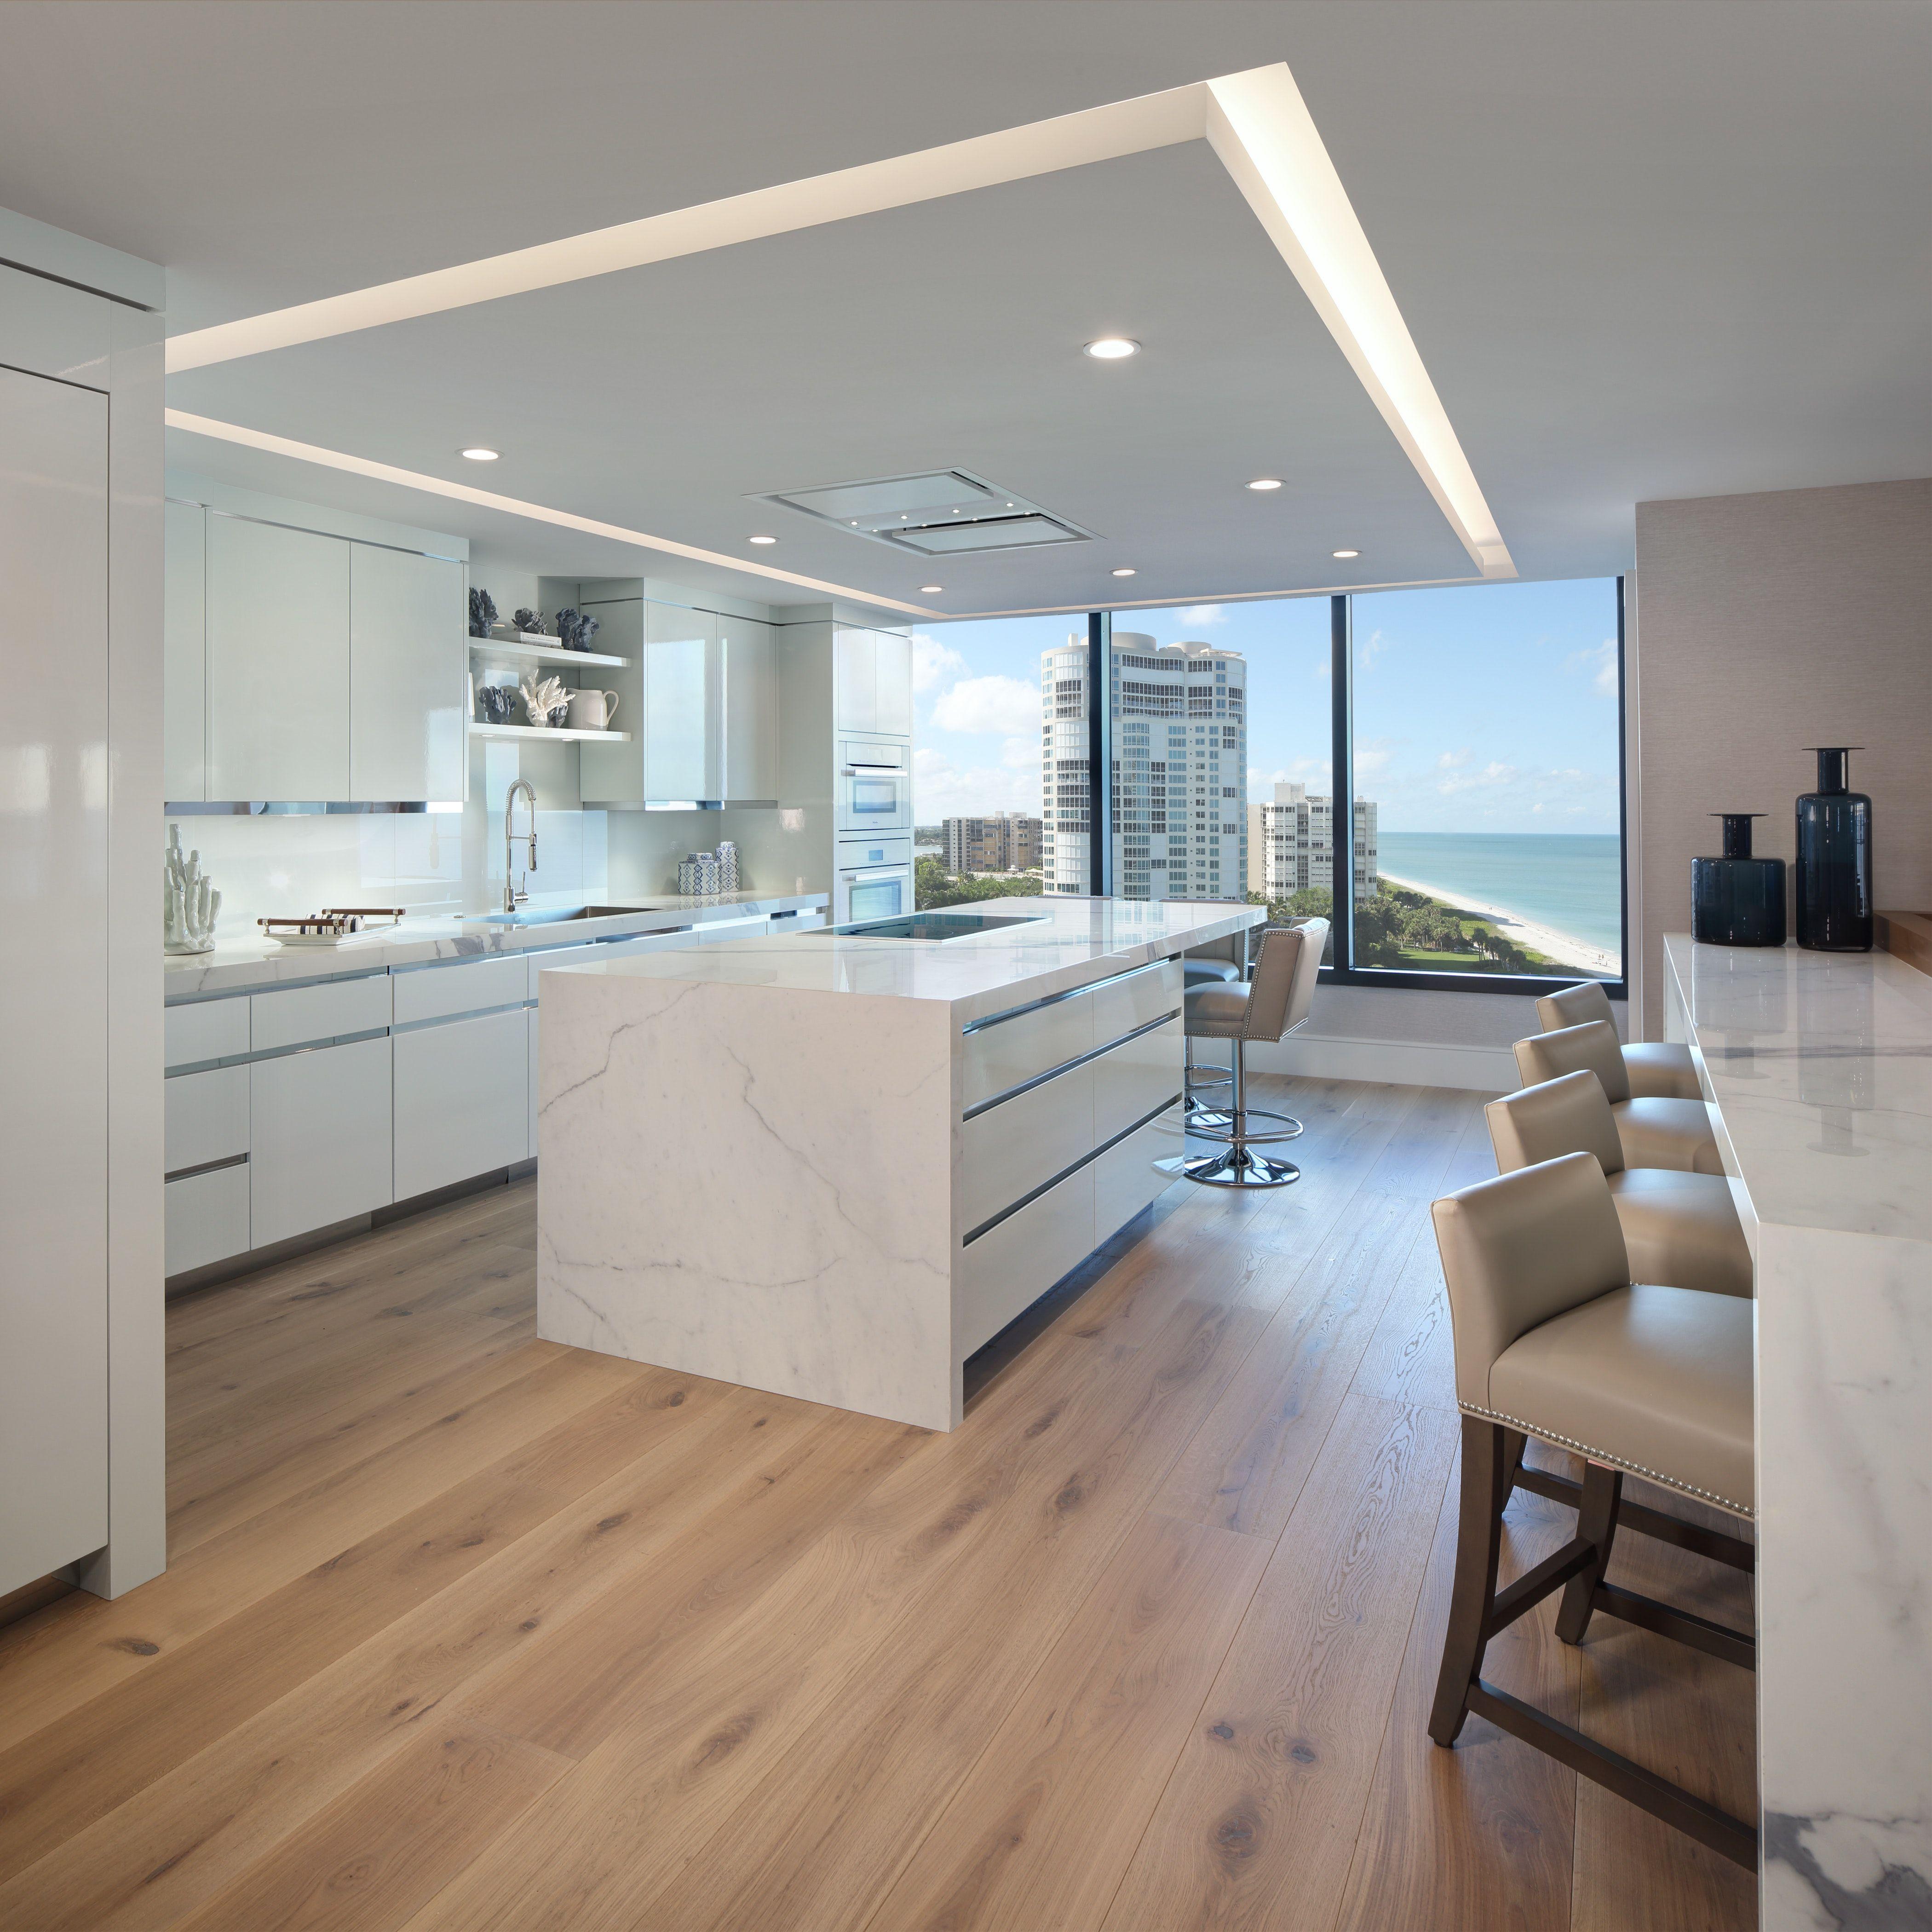 Condo Interior Design , Kitchen Soffit